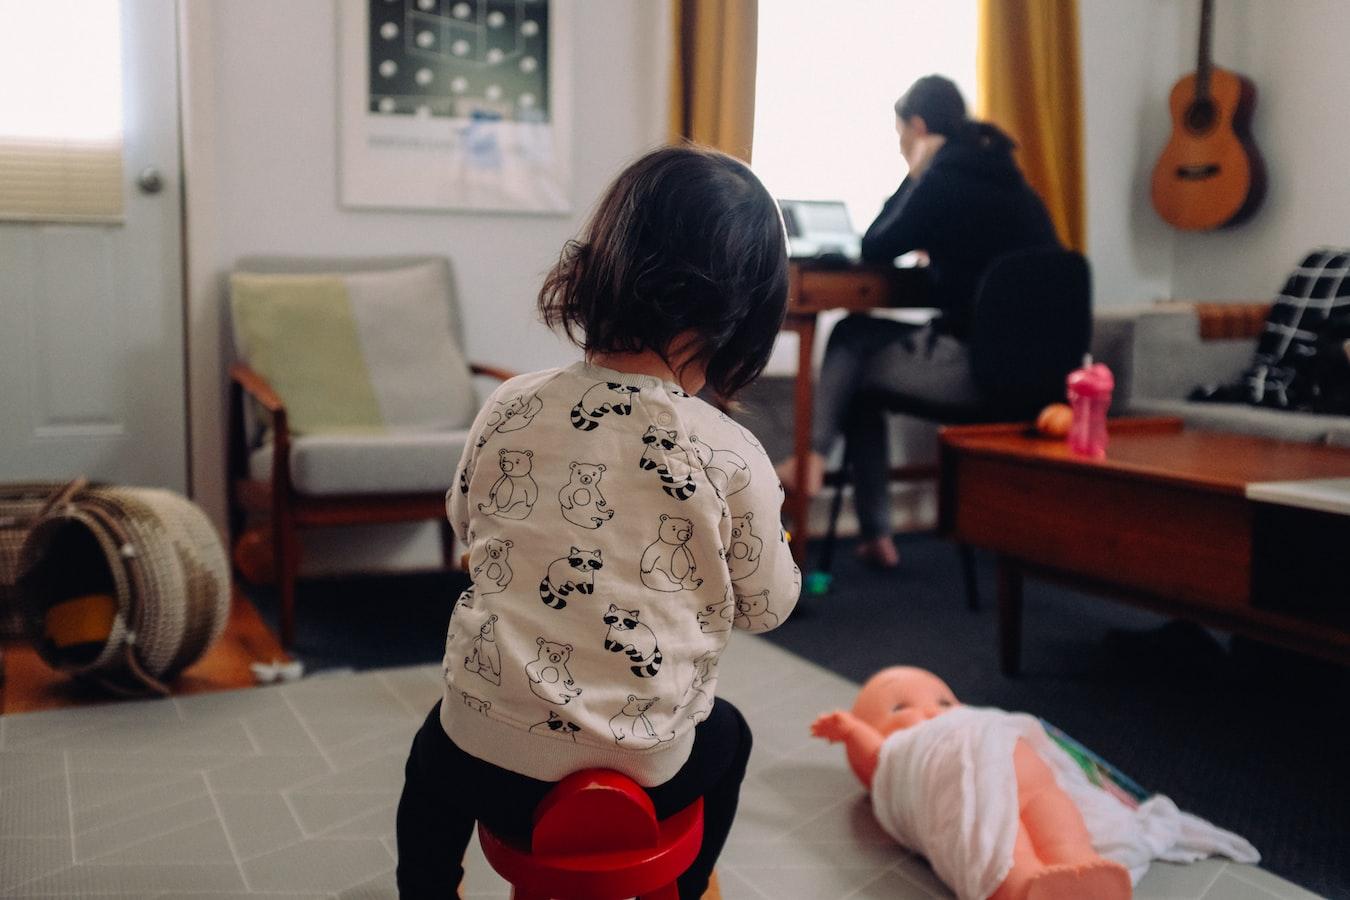 Kind spielt auf dem Boden während das Elternteil im Hintergrund arbeitet